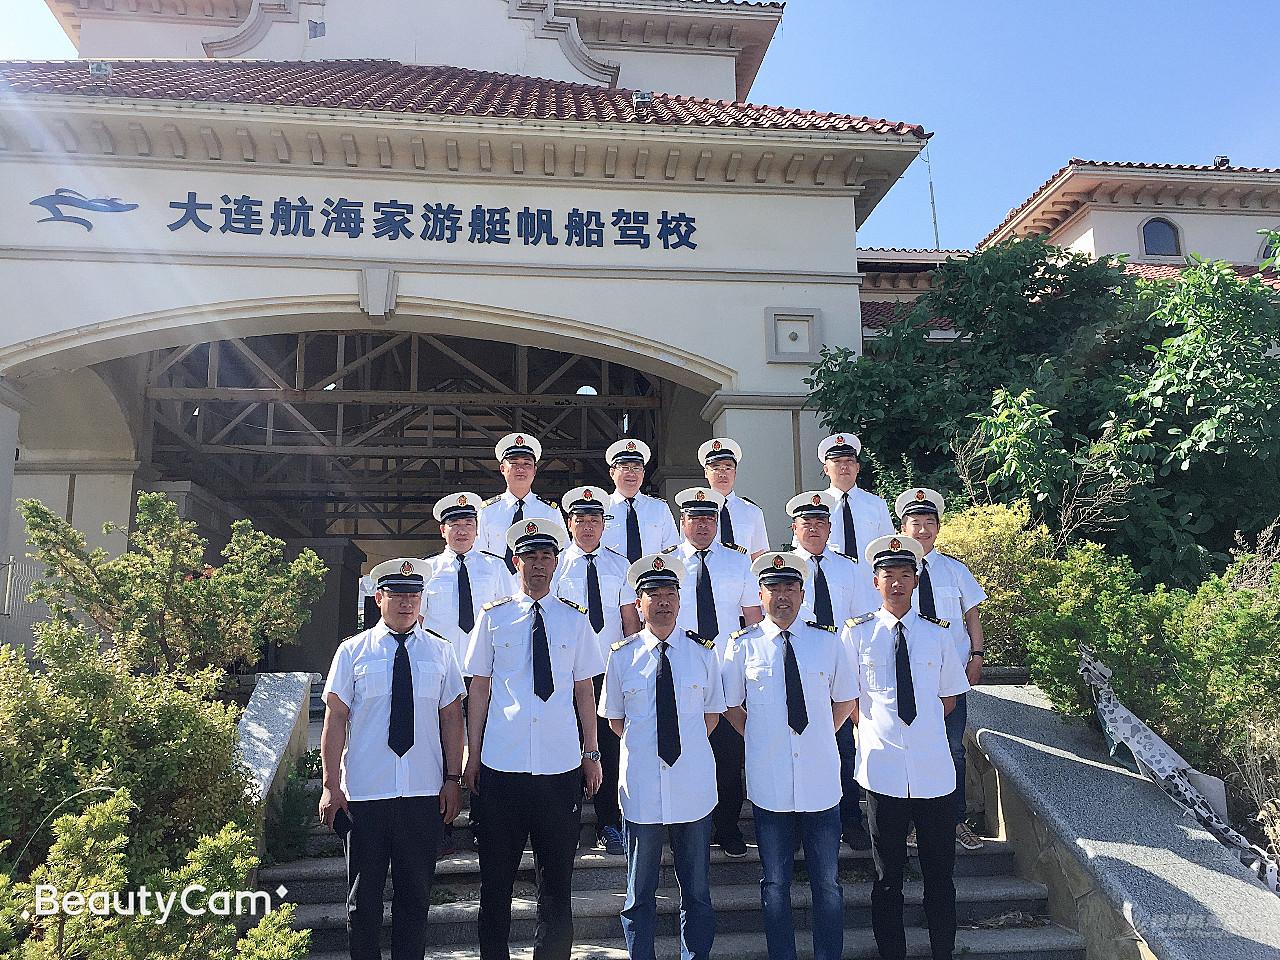 大连航海家201905期班-珍惜在一起的时光,祝福一帆风顺,平安吉祥